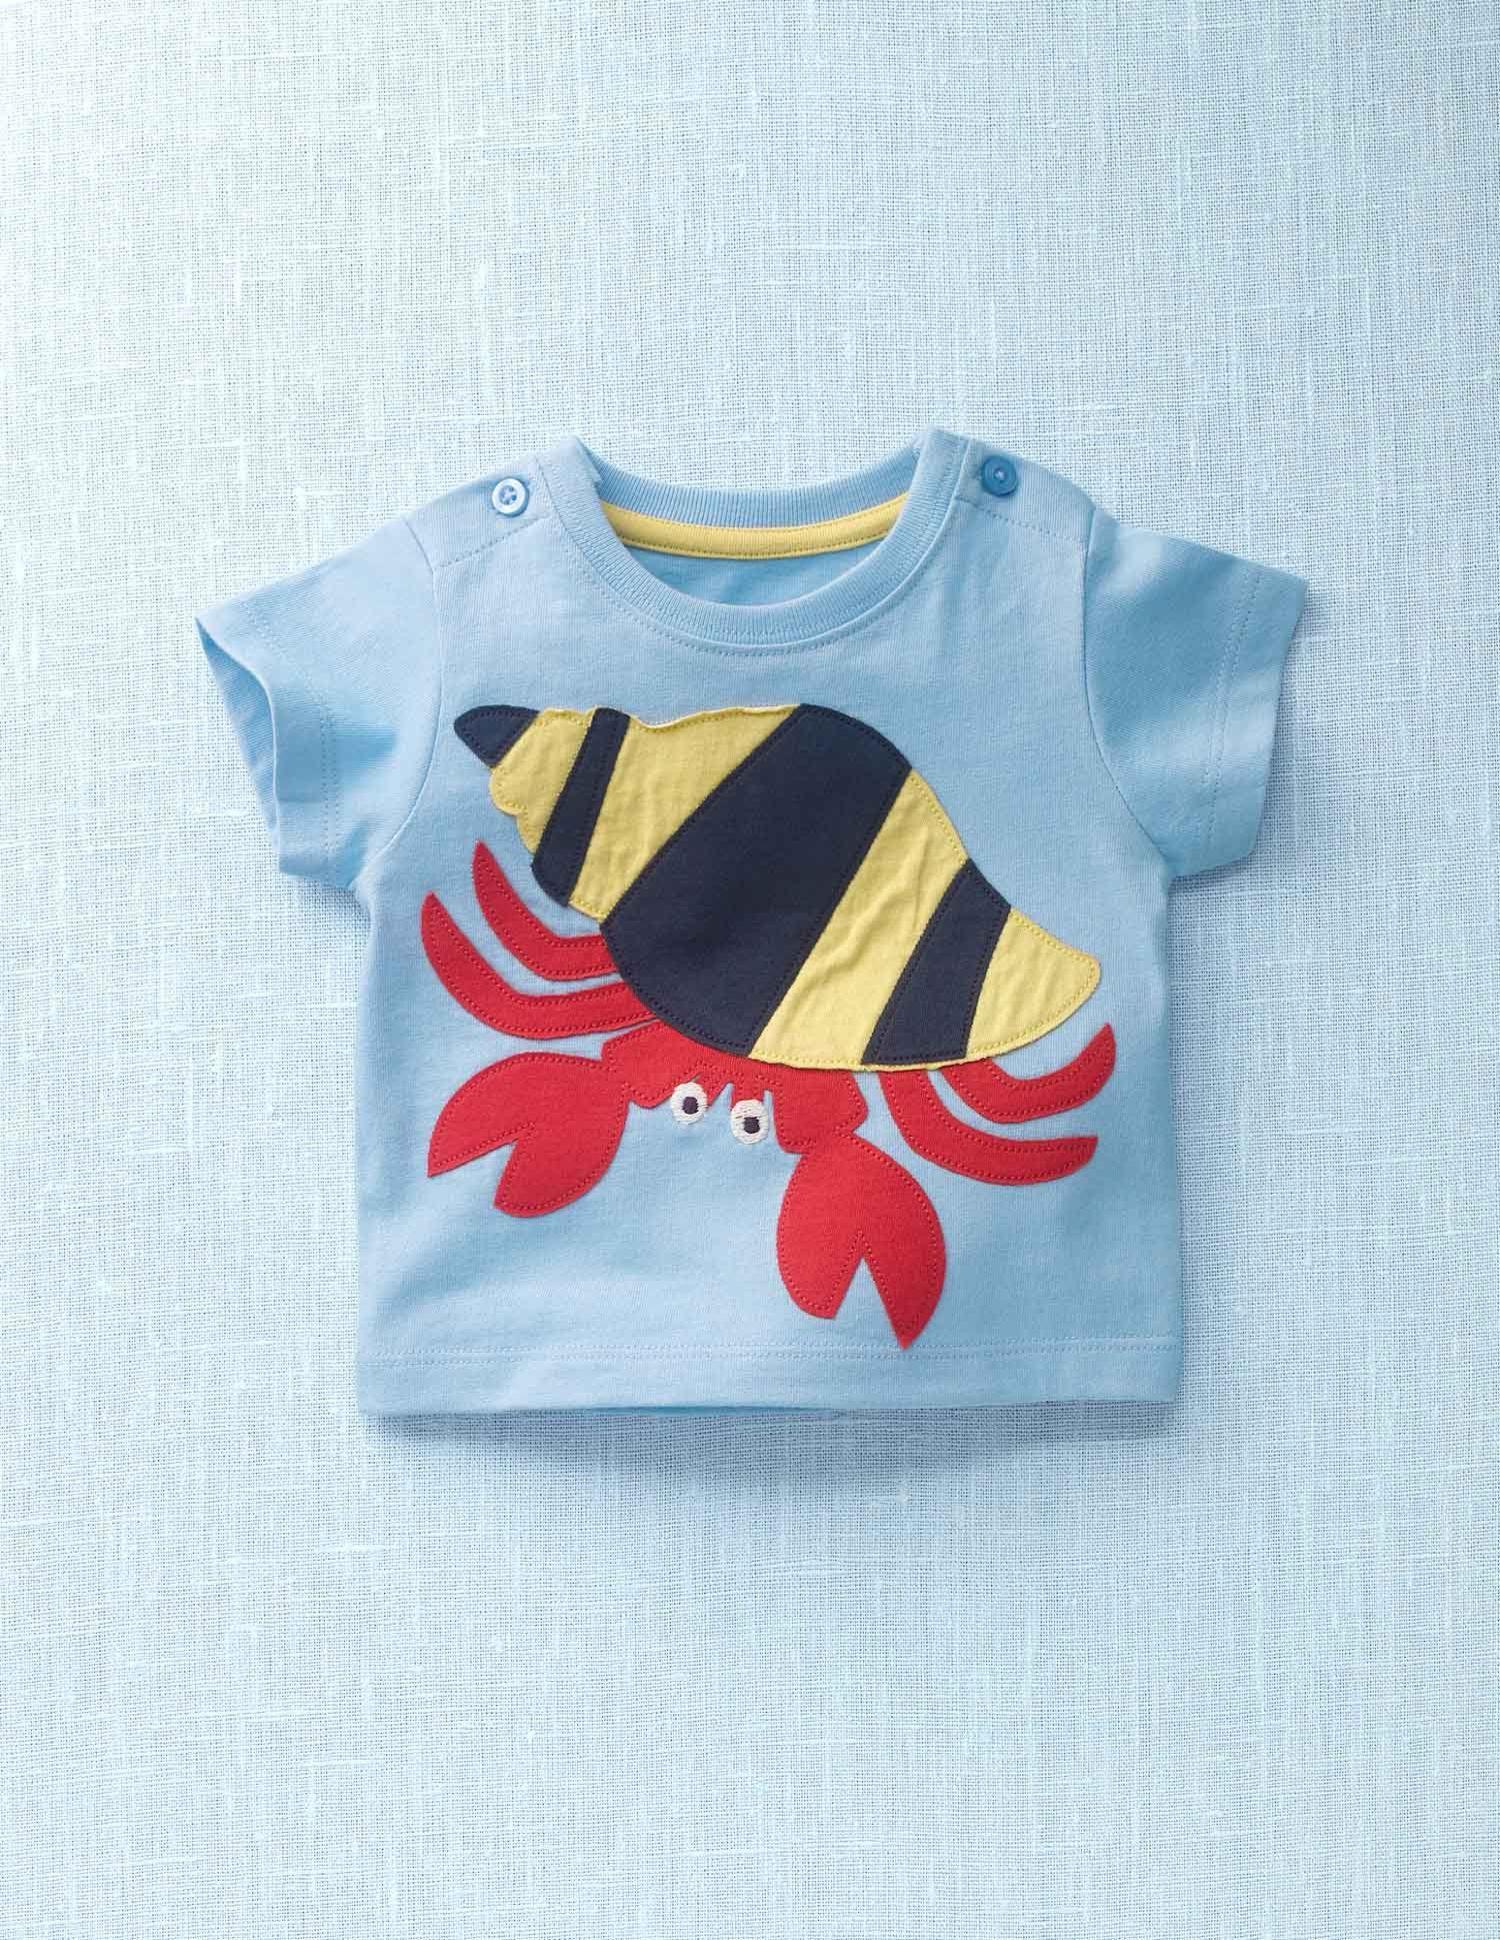 019cff28179 Mini Boden // Hermit Crab Appliqué T-shirt   ANIMALS   Baby boy t ...